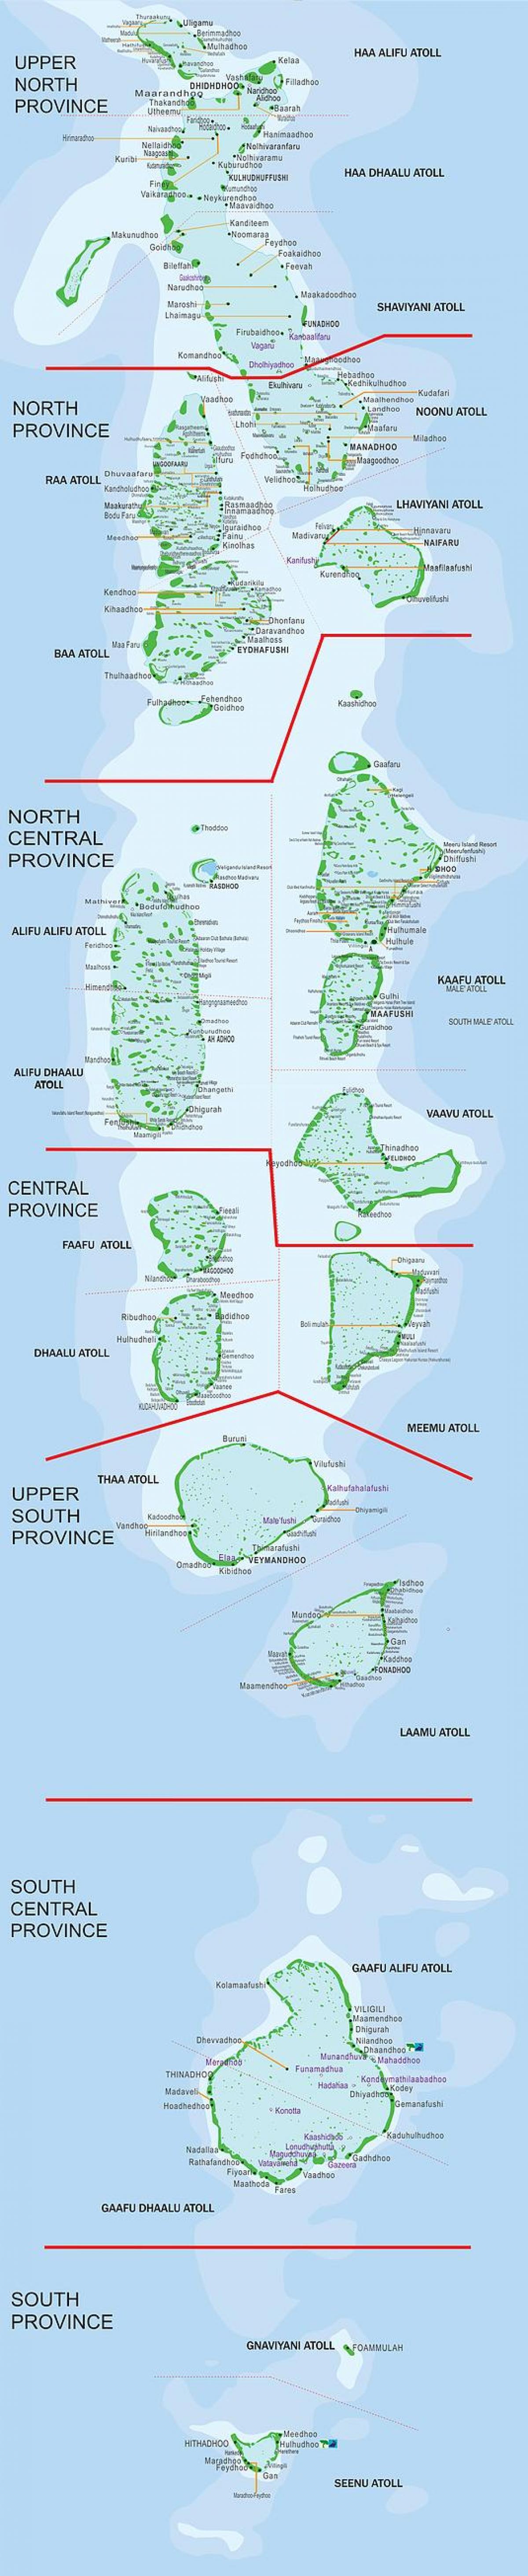 Maldives Atoll Ferry Map